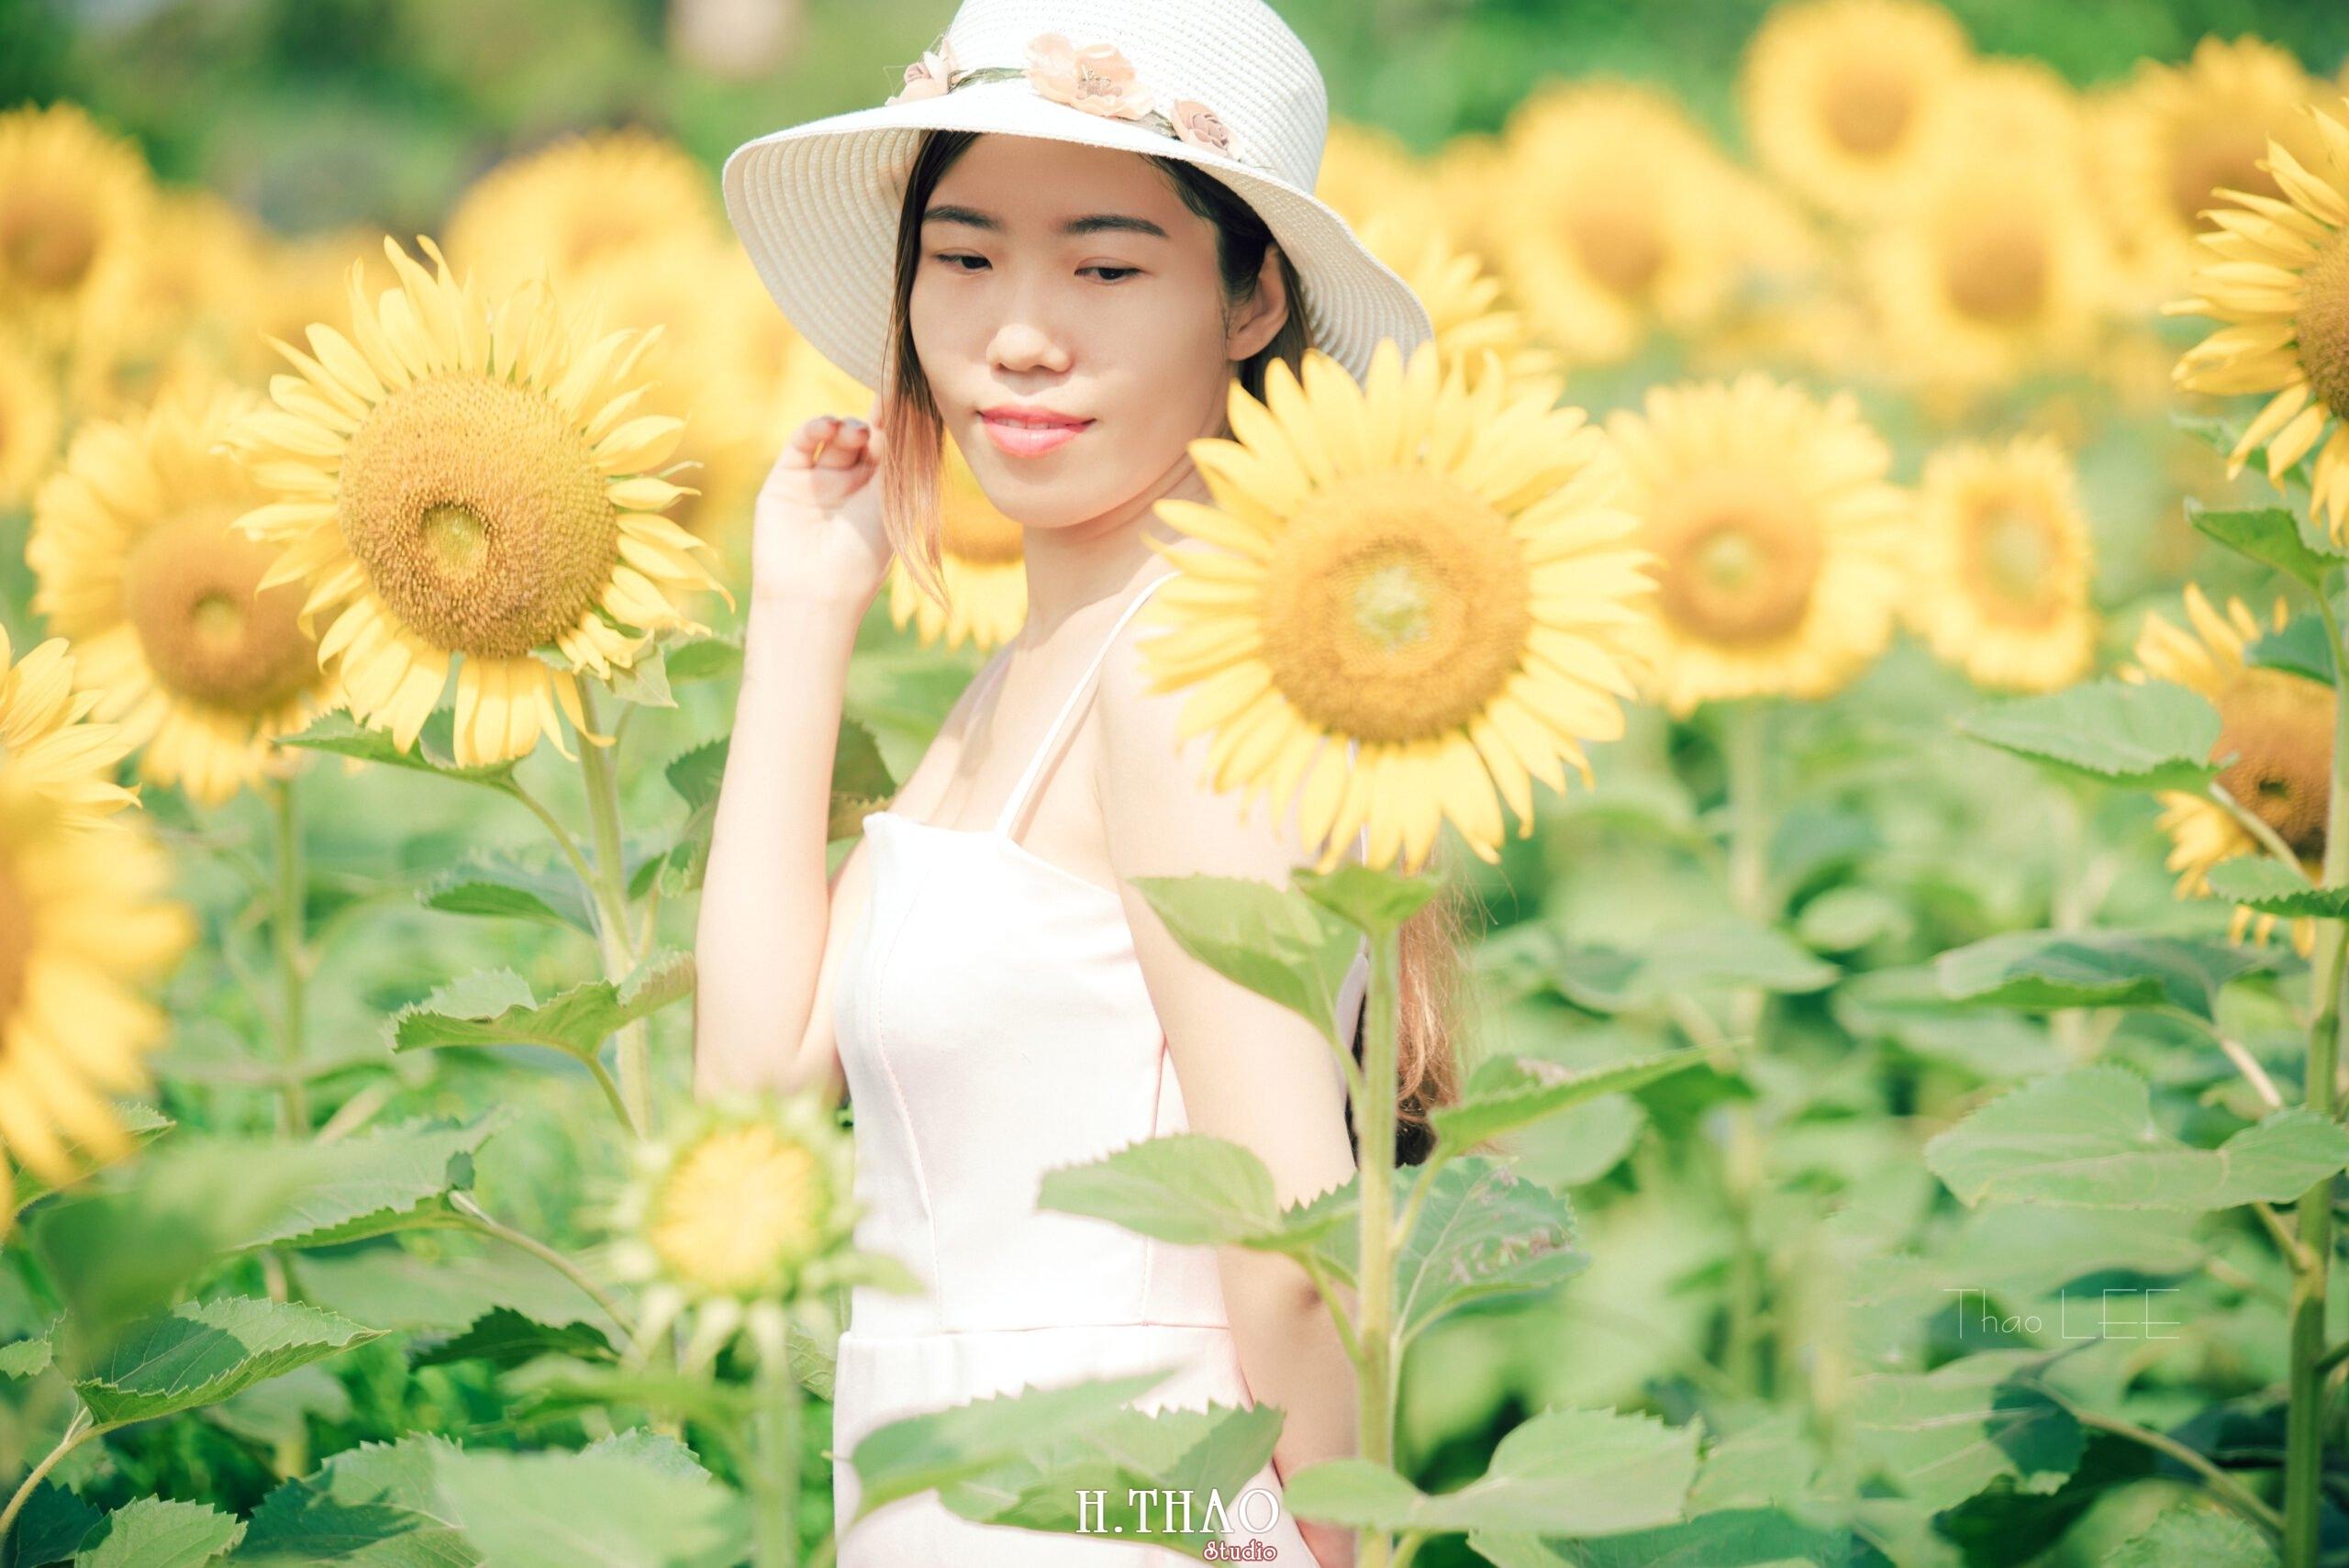 Anh be Mai 5 scaled - Chụp ảnh với hoa hướng dương tuyệt đẹp giữa lòng Sài Gòn